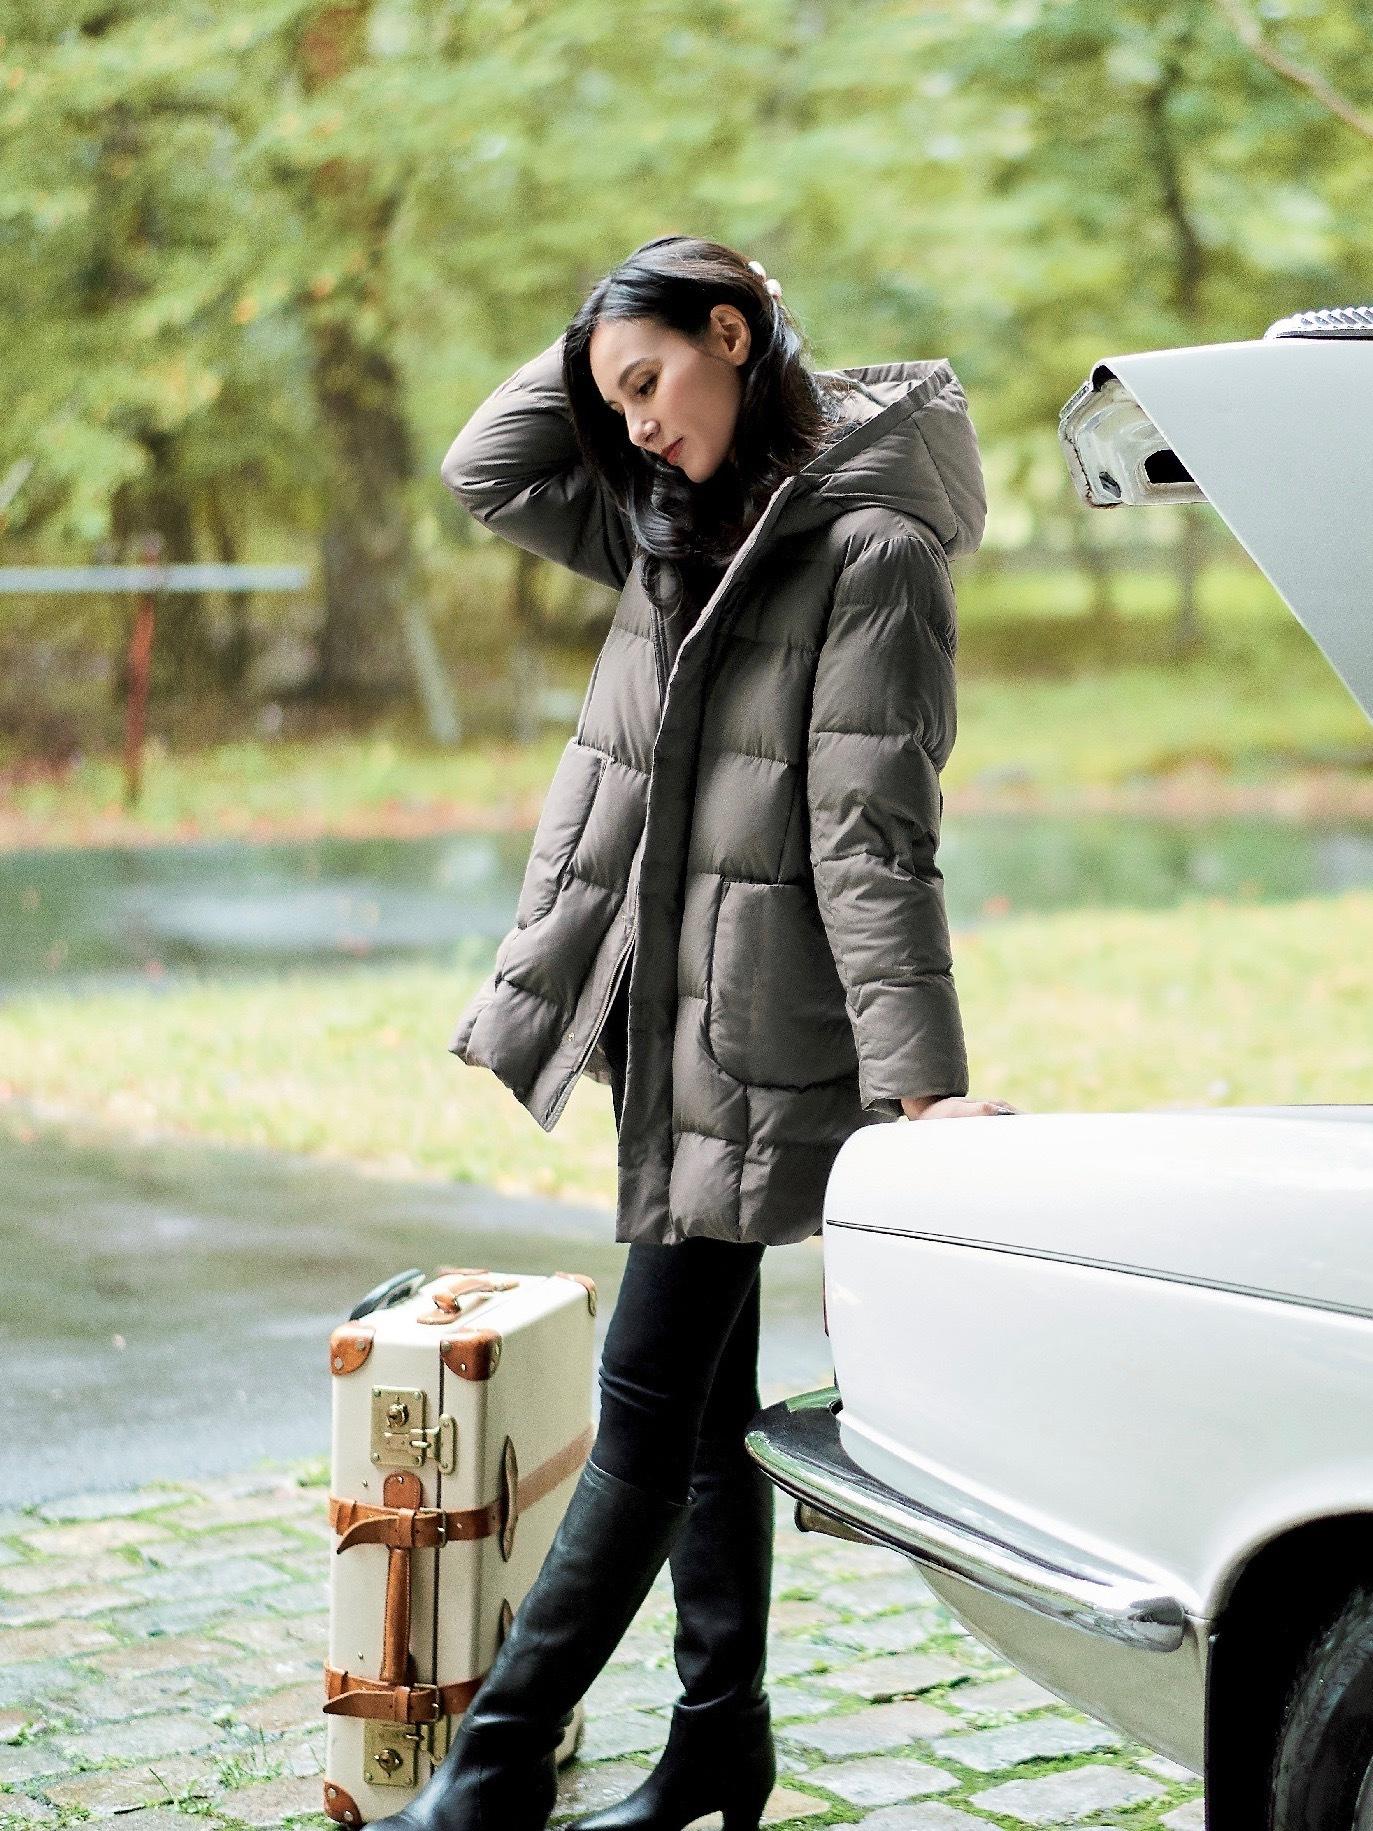 [画像一覧] 上質なスタイルを楽しむ、Jマダムの真冬の休日_1_1-5